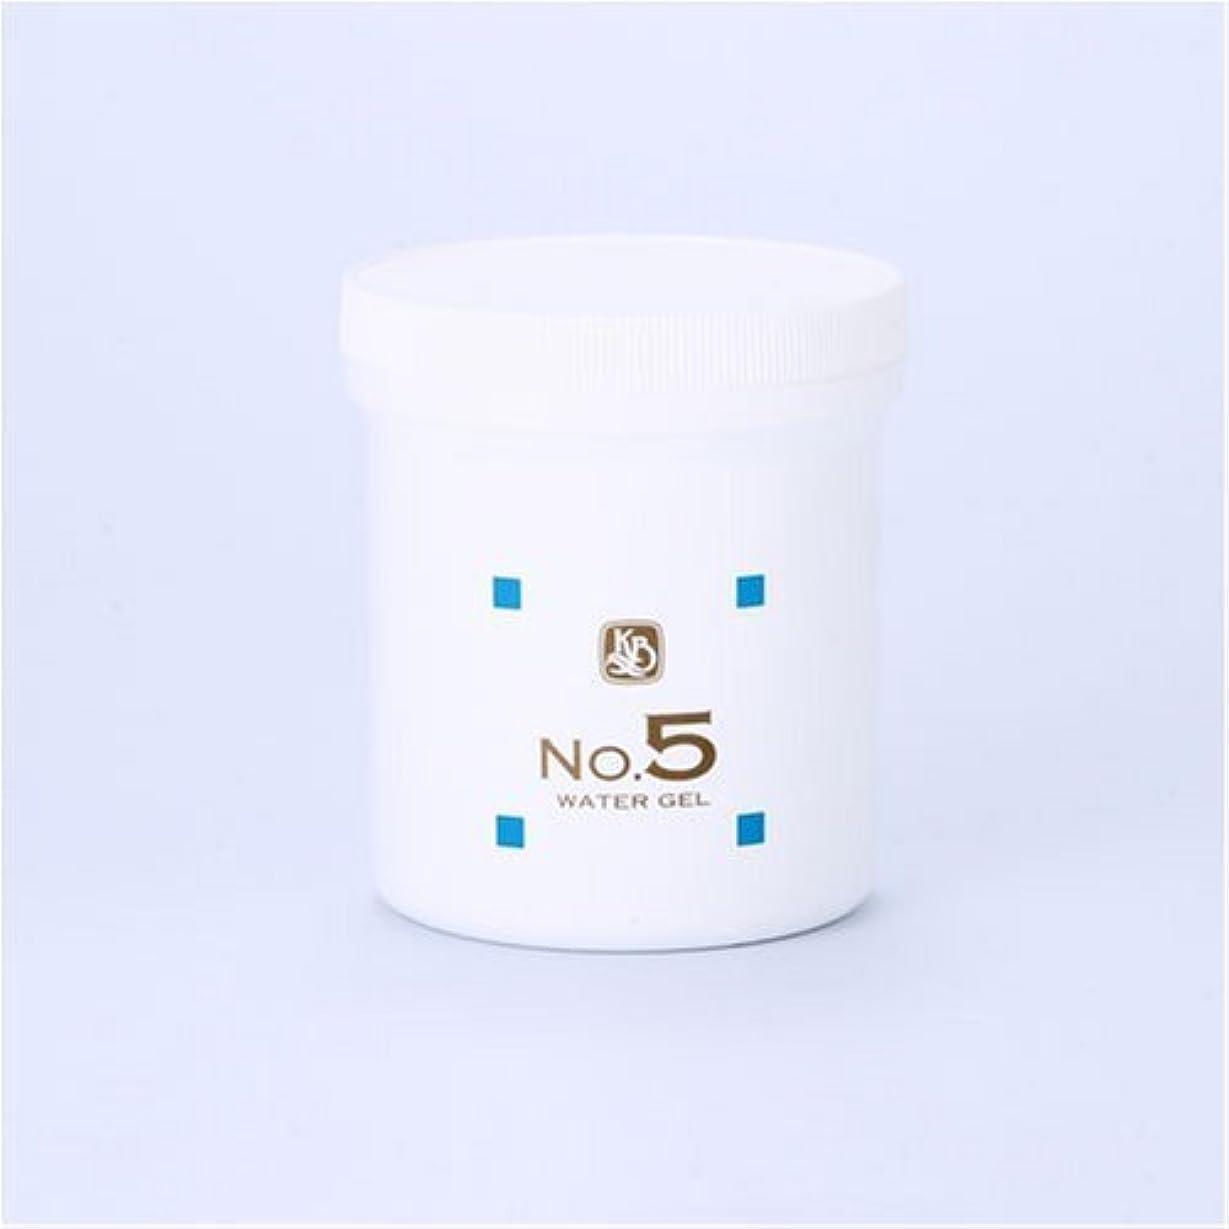 放射性レプリカカレッジ顔を洗う水シリーズ ウォーターゲルNo.5 500g